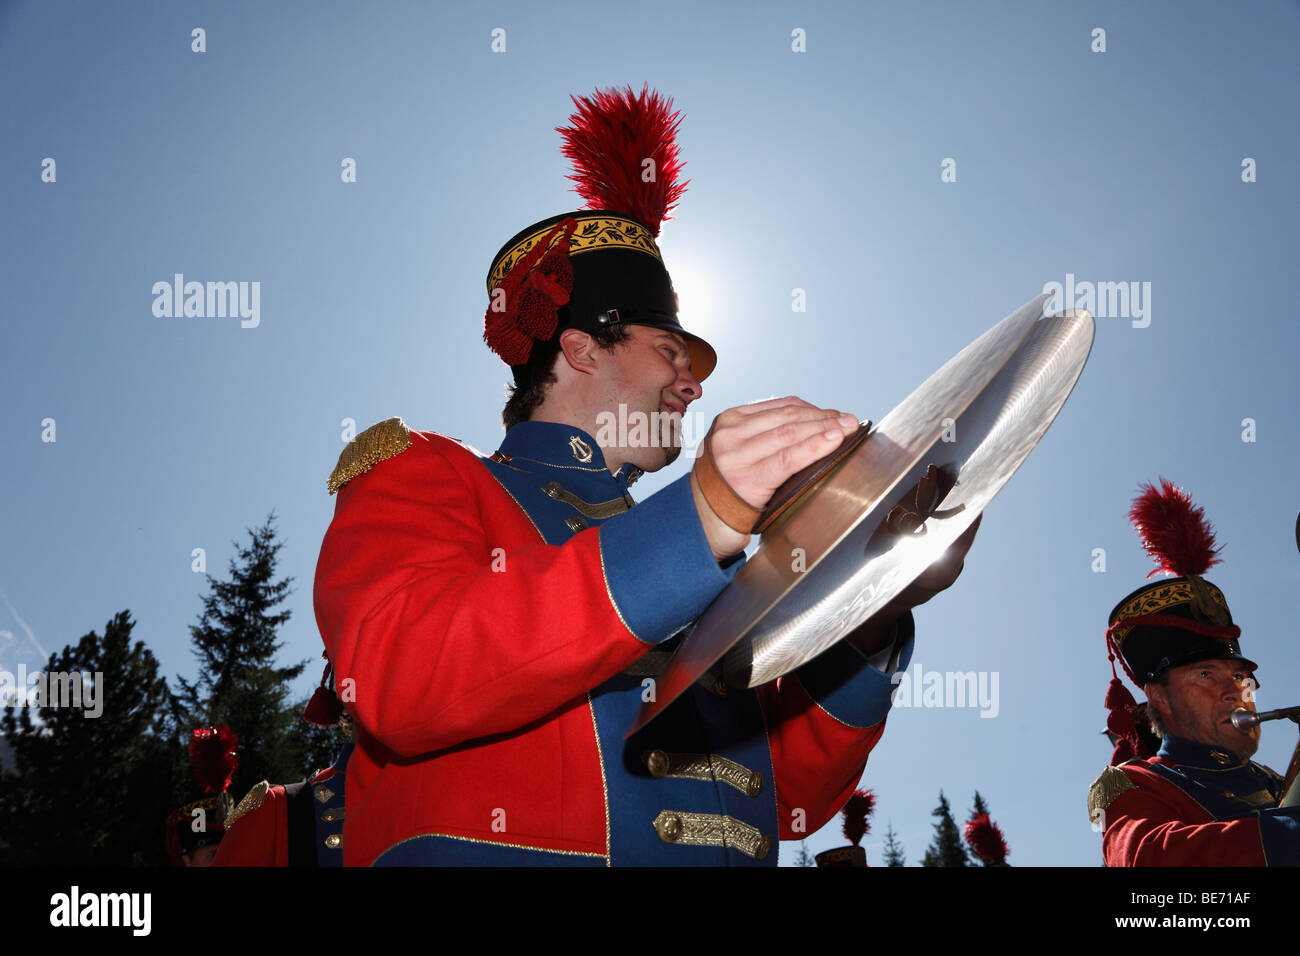 Geben Sie lokale Musikgruppe bei Samson Parade, St. Michael, Lungau, Salzburg, Salzburg, Österreich, Europa Stockbild